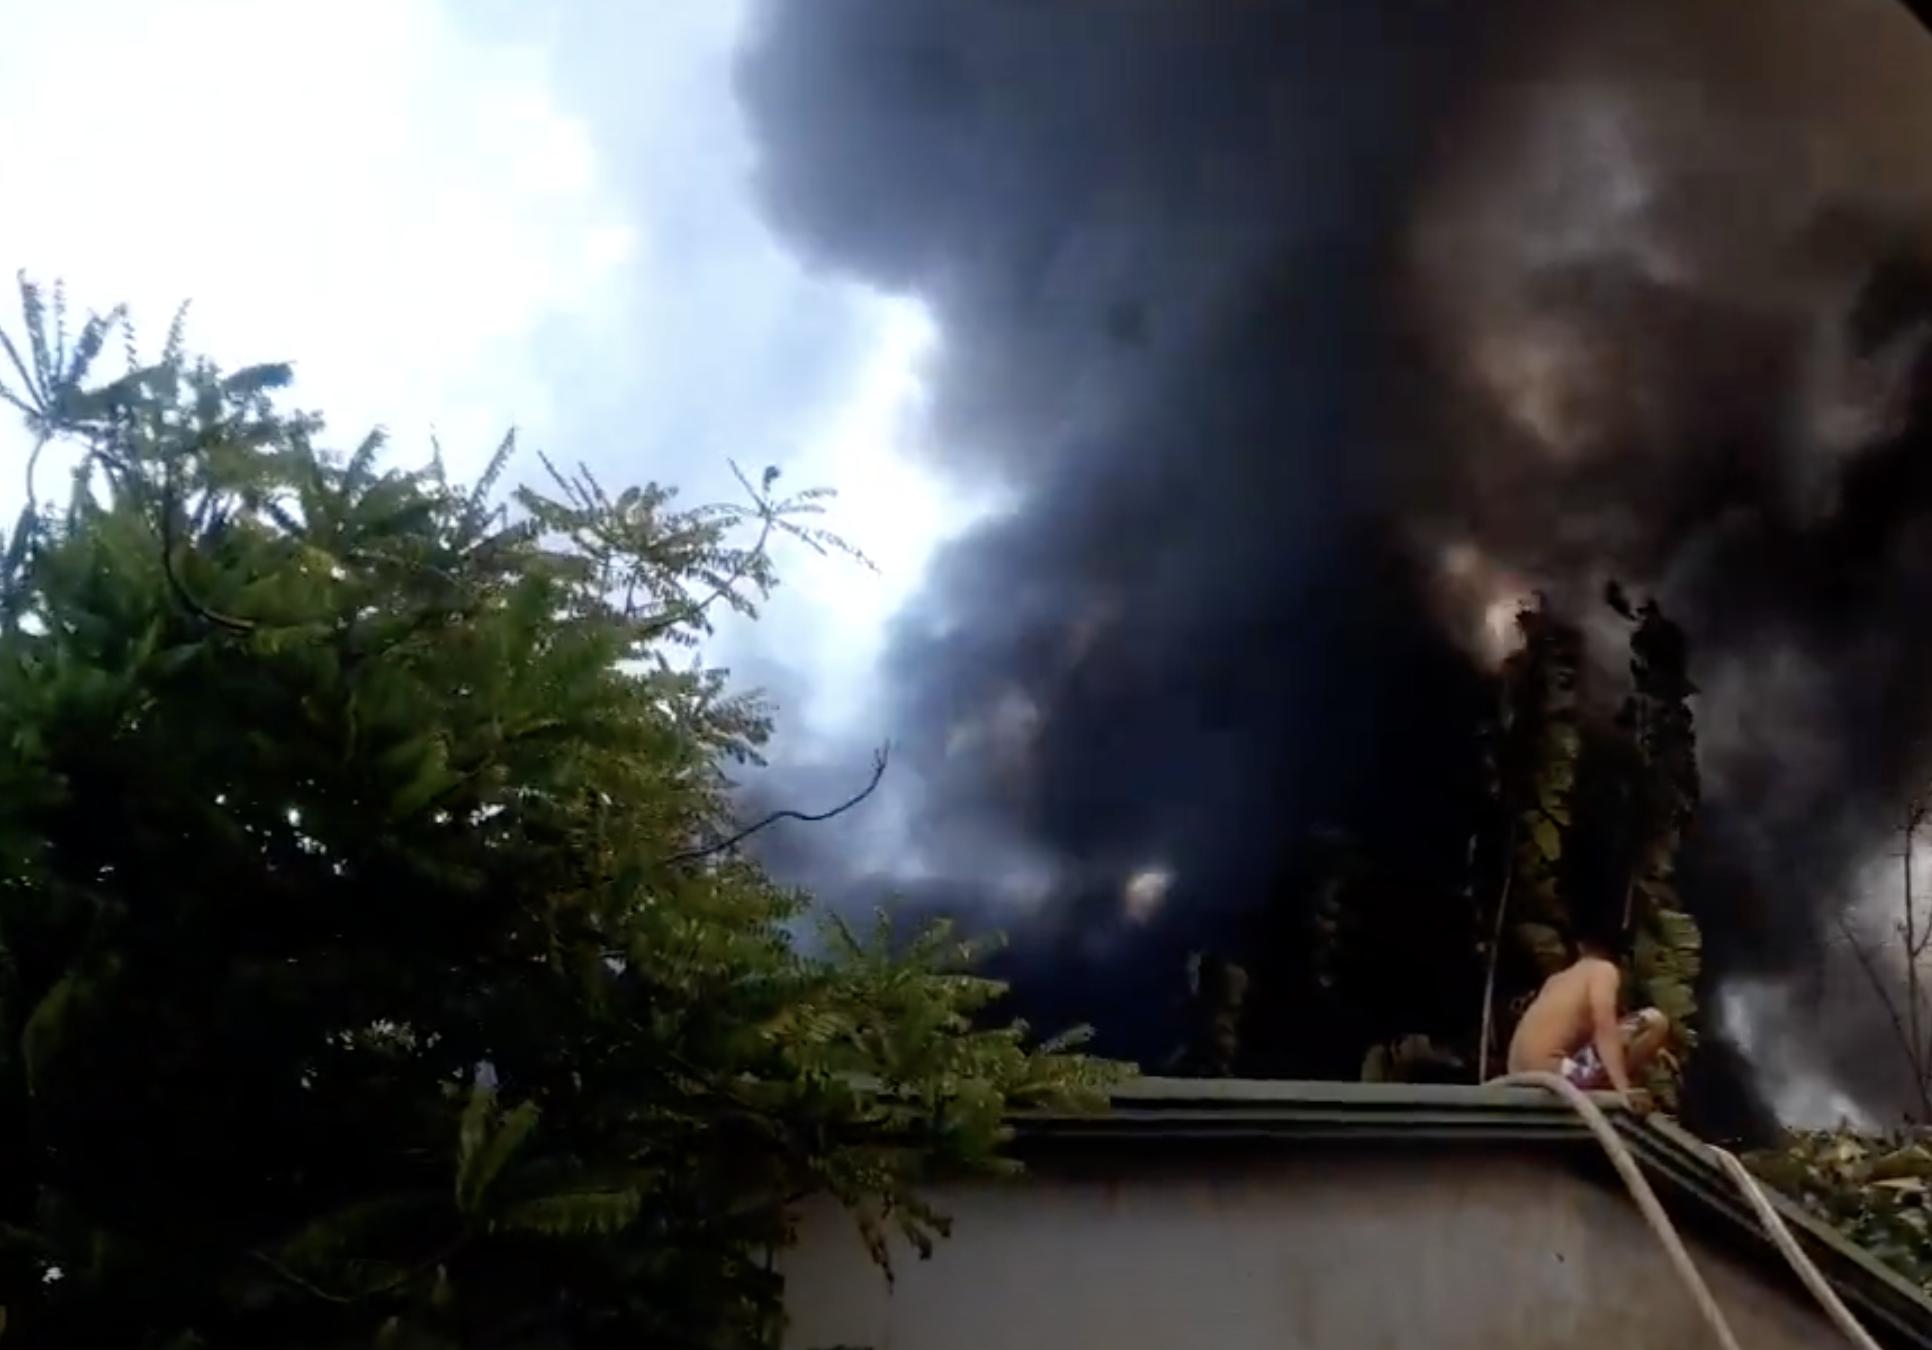 Công ty gỗ ở Bình Dương cháy dữ dội, nhiều người vô tư đến sát hiện trường... livestream dưới dòng điện cao thế - Ảnh 3.